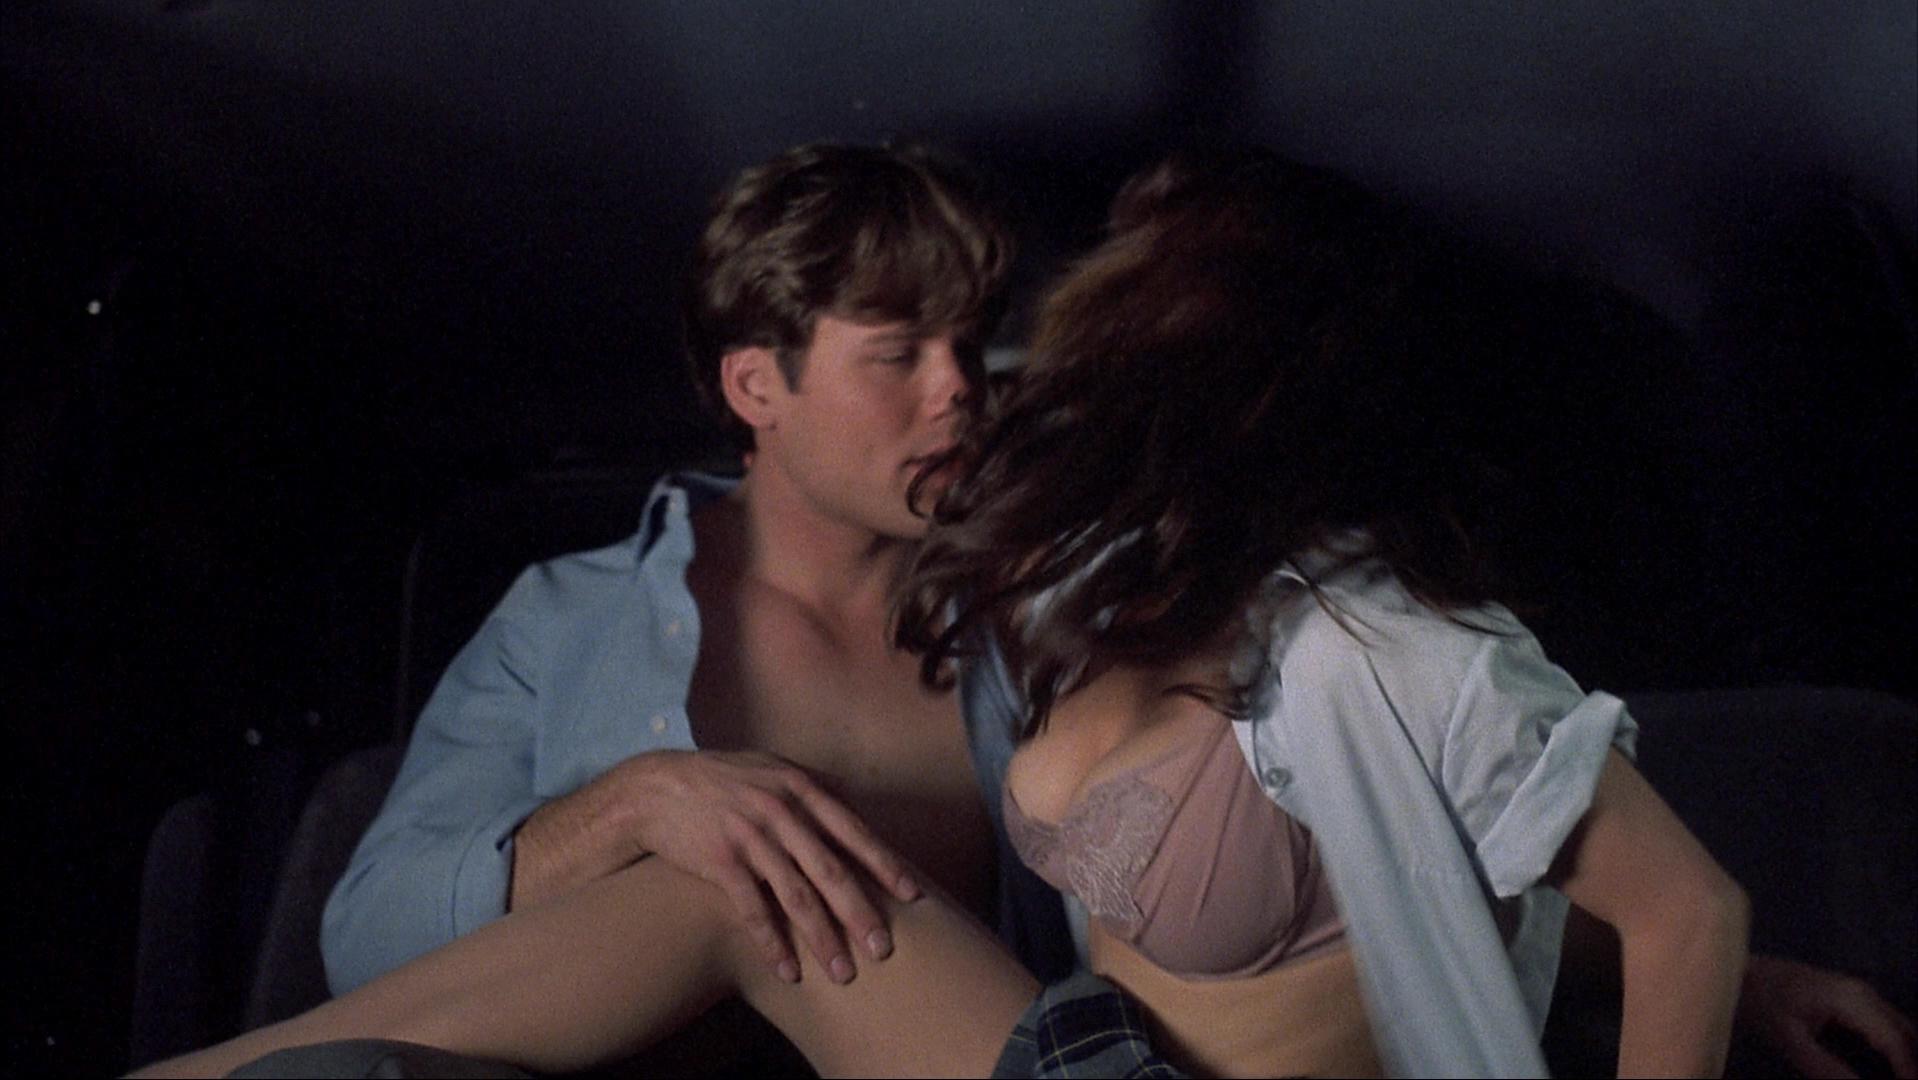 Sofia boutella sex scenes